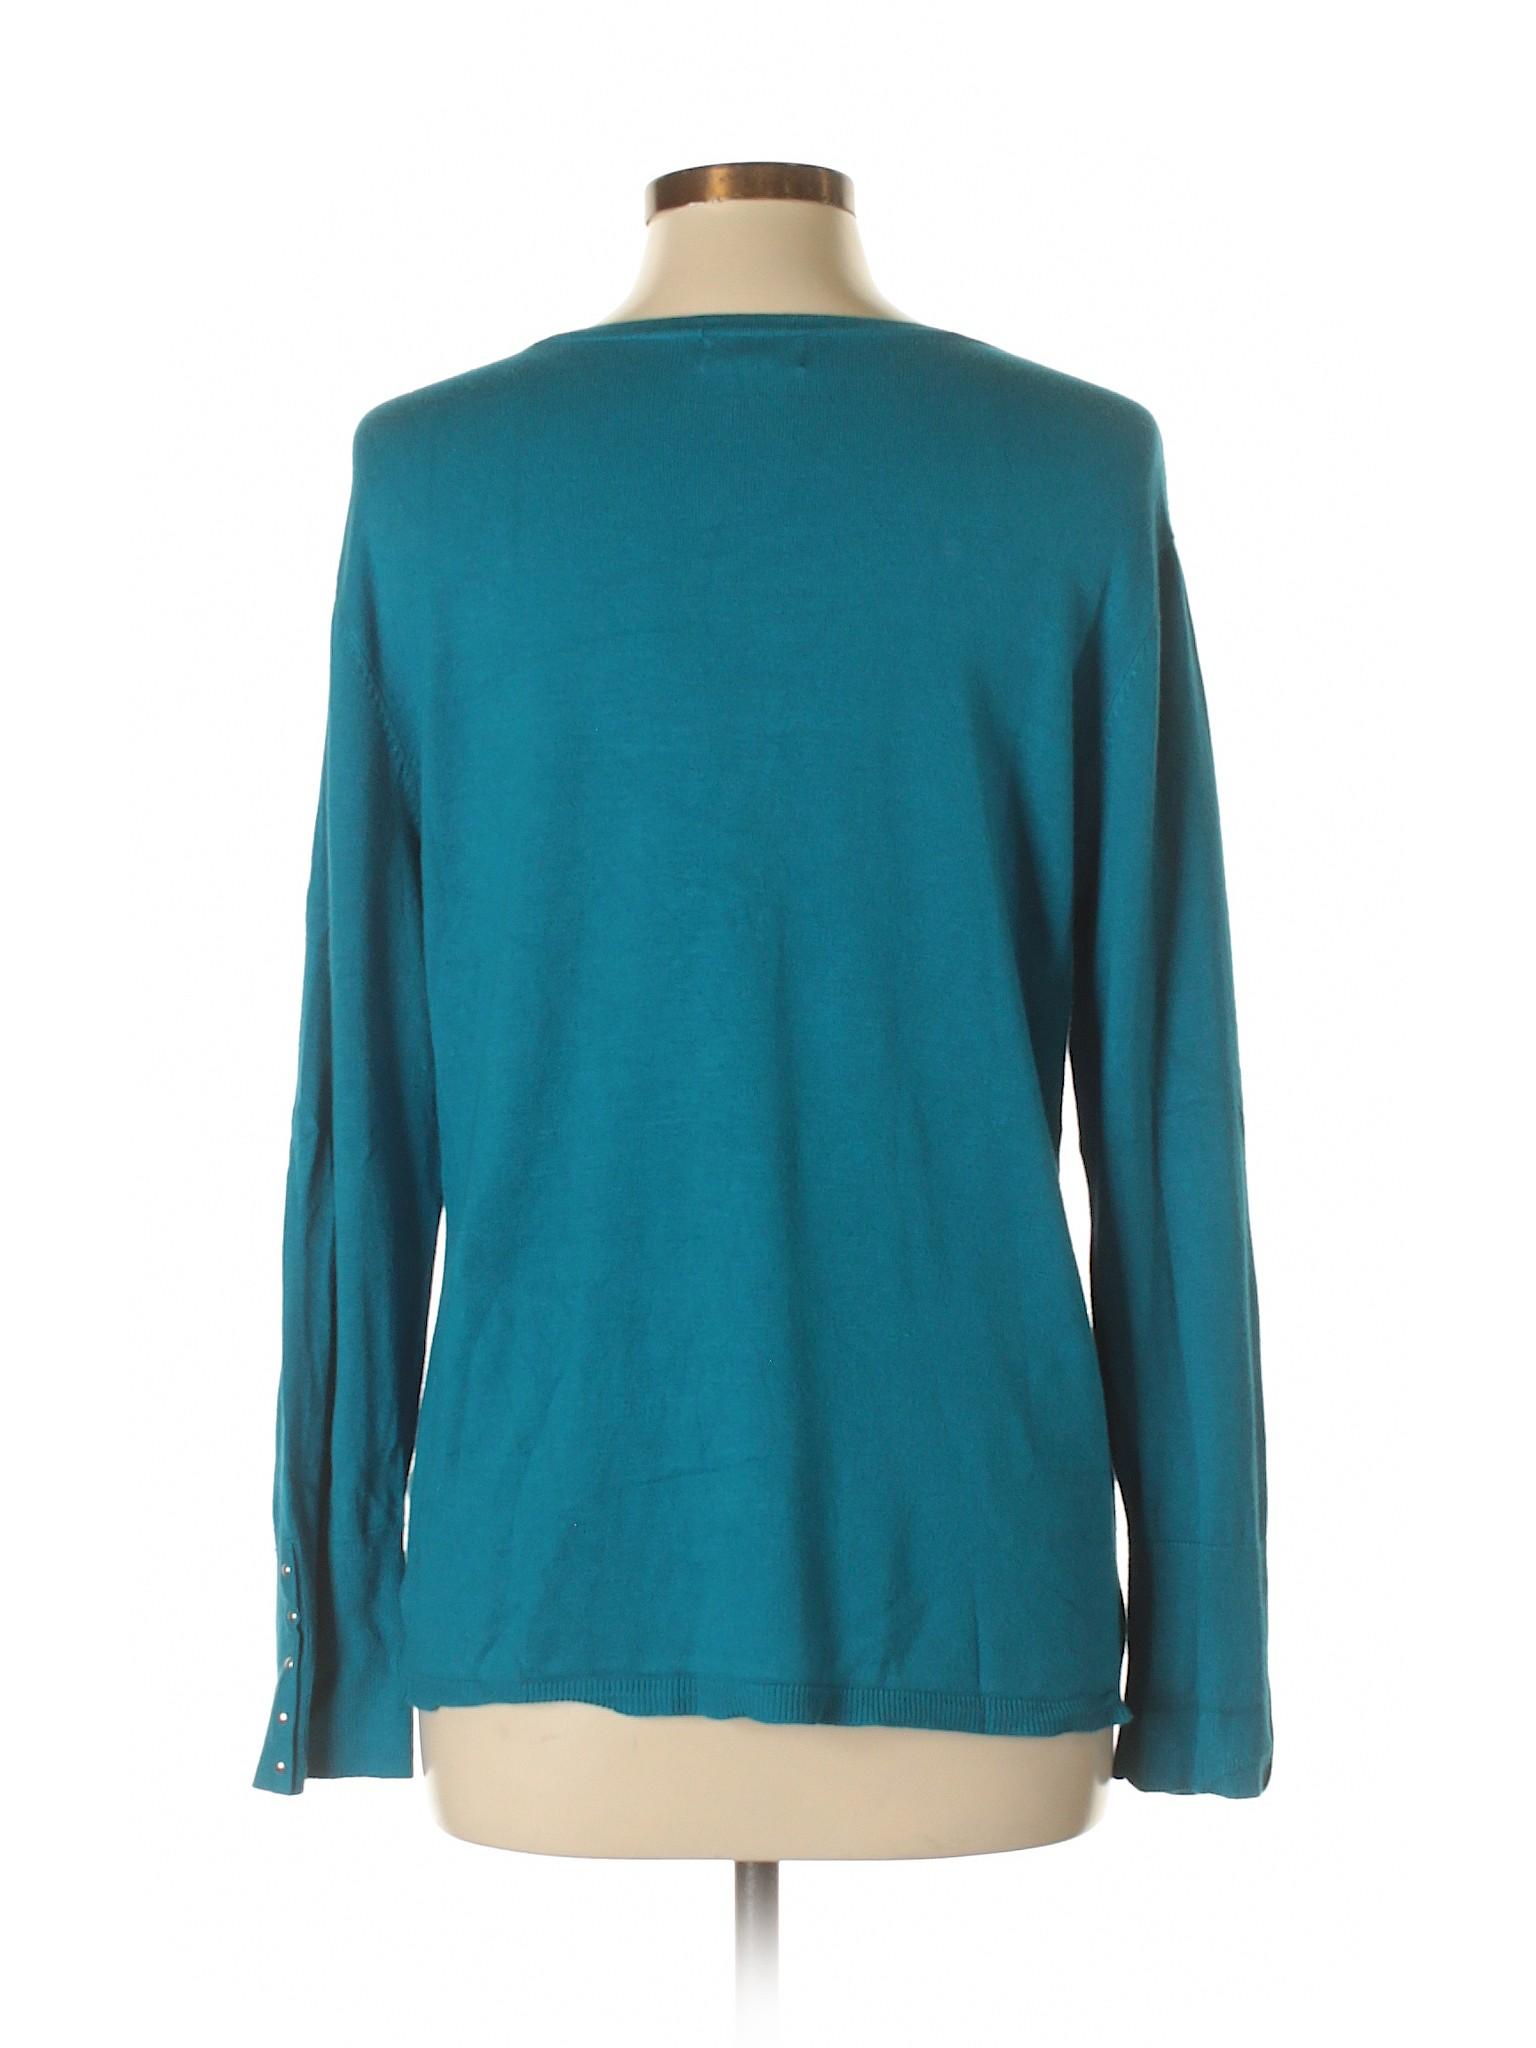 Boutique JM JM Sweater JM Pullover Boutique Collection Sweater Collection Boutique Pullover Pullover Sweater Boutique Collection 1wPEAy